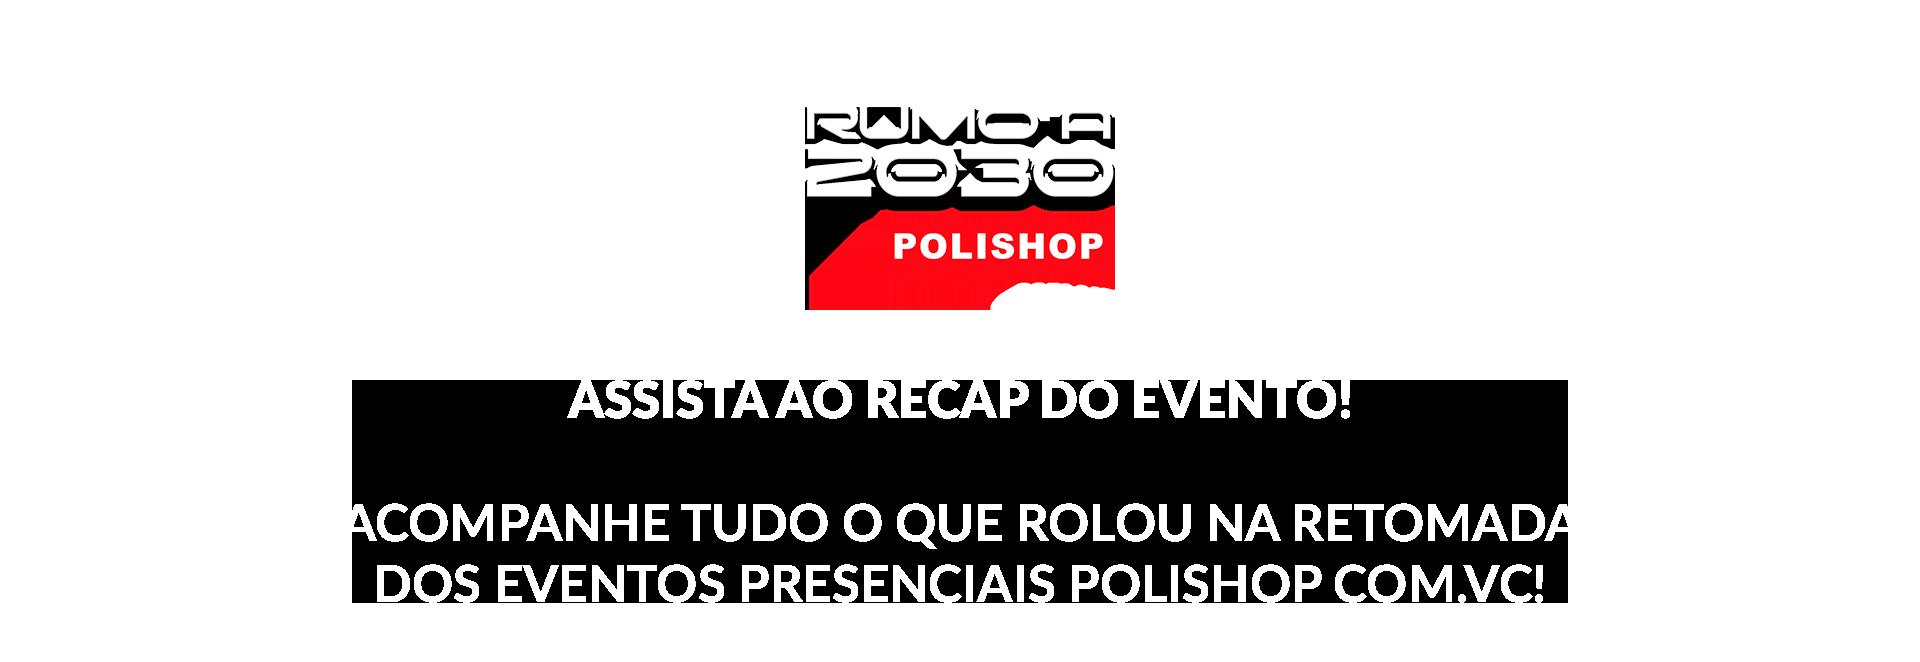 RUMO-2030